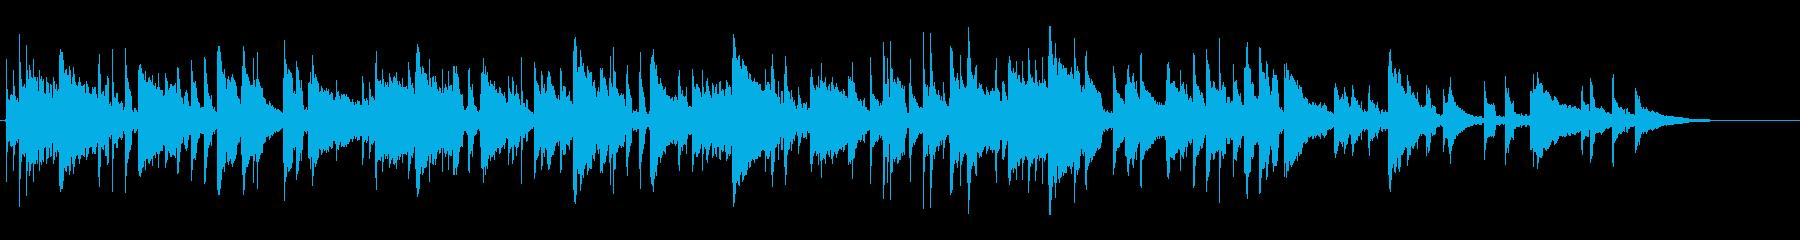 クリスマス定番曲をアコギで独奏の再生済みの波形